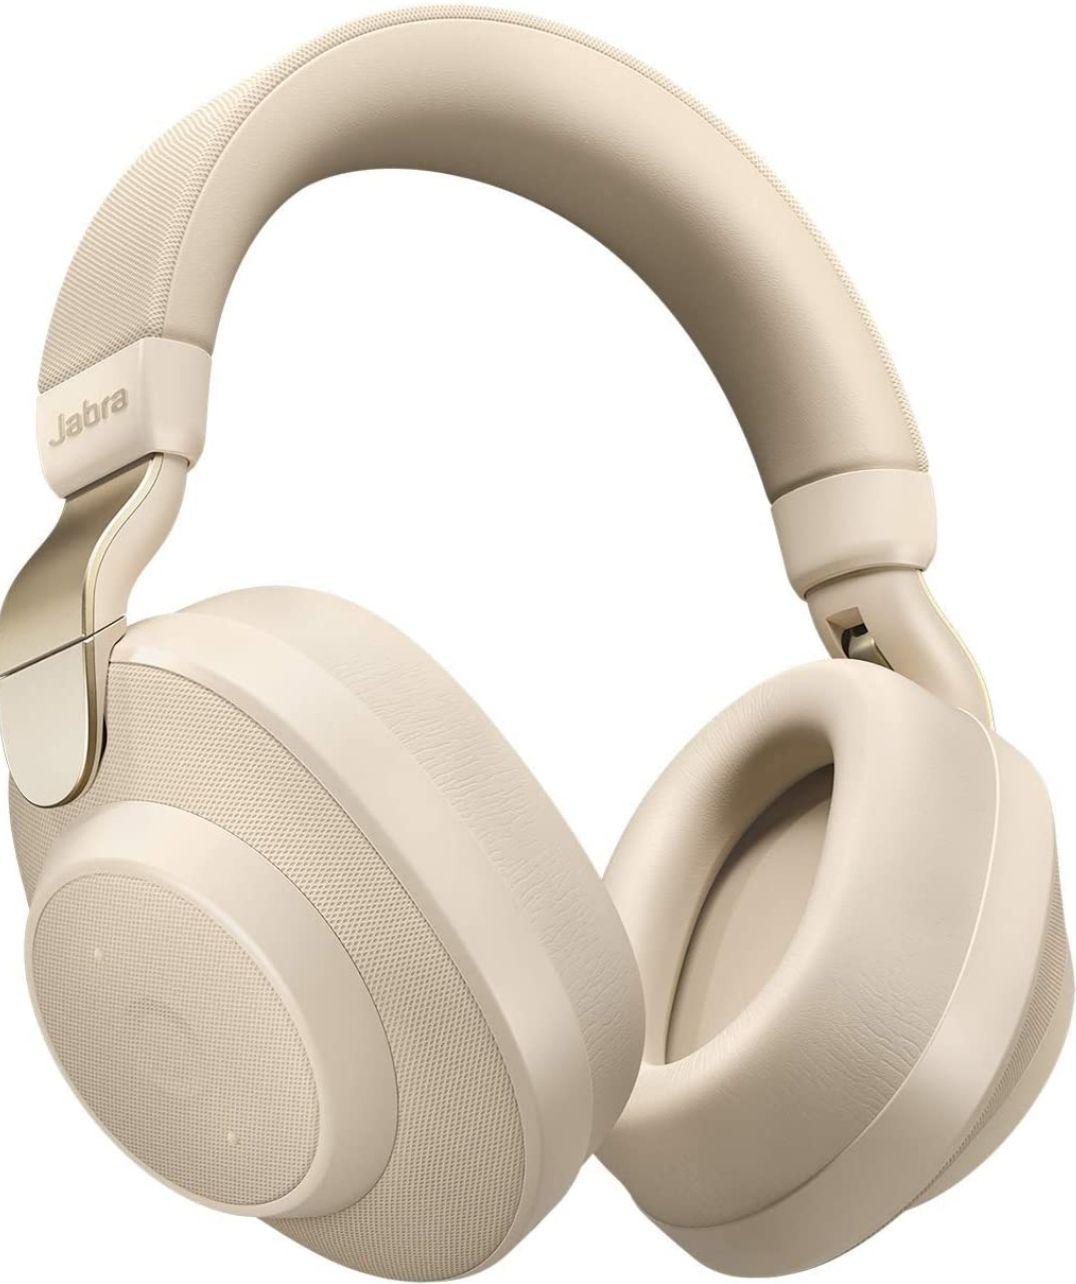 Casque audio sans-fil à réduction de bruit Jabra Elite 85h - Bluetooth - Beige doré (Frais d'importation et de port inclus)